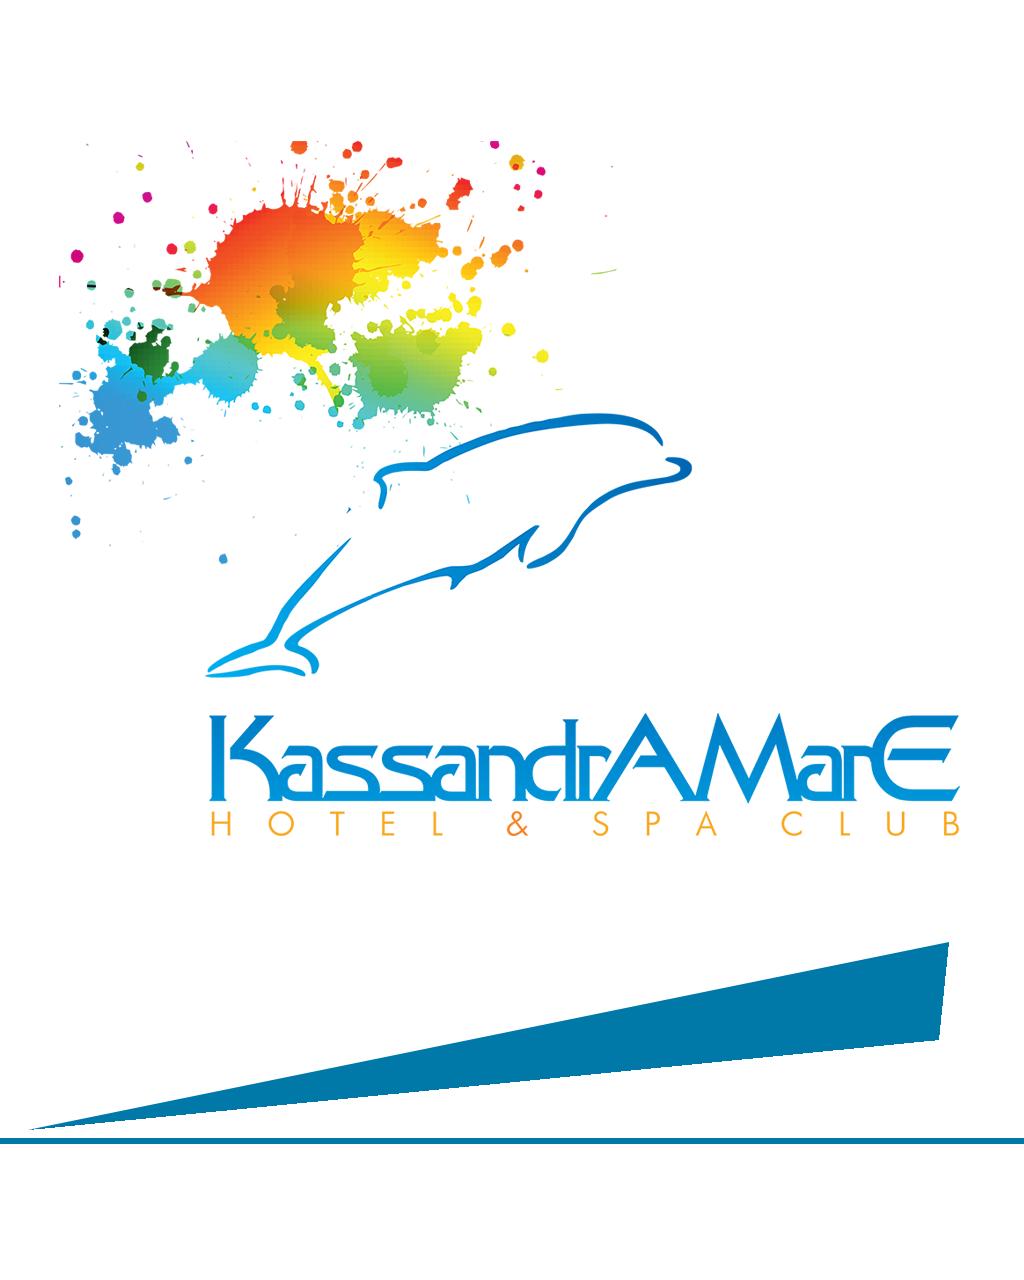 Kassandra Mare Hotel Chalkidiki Greece